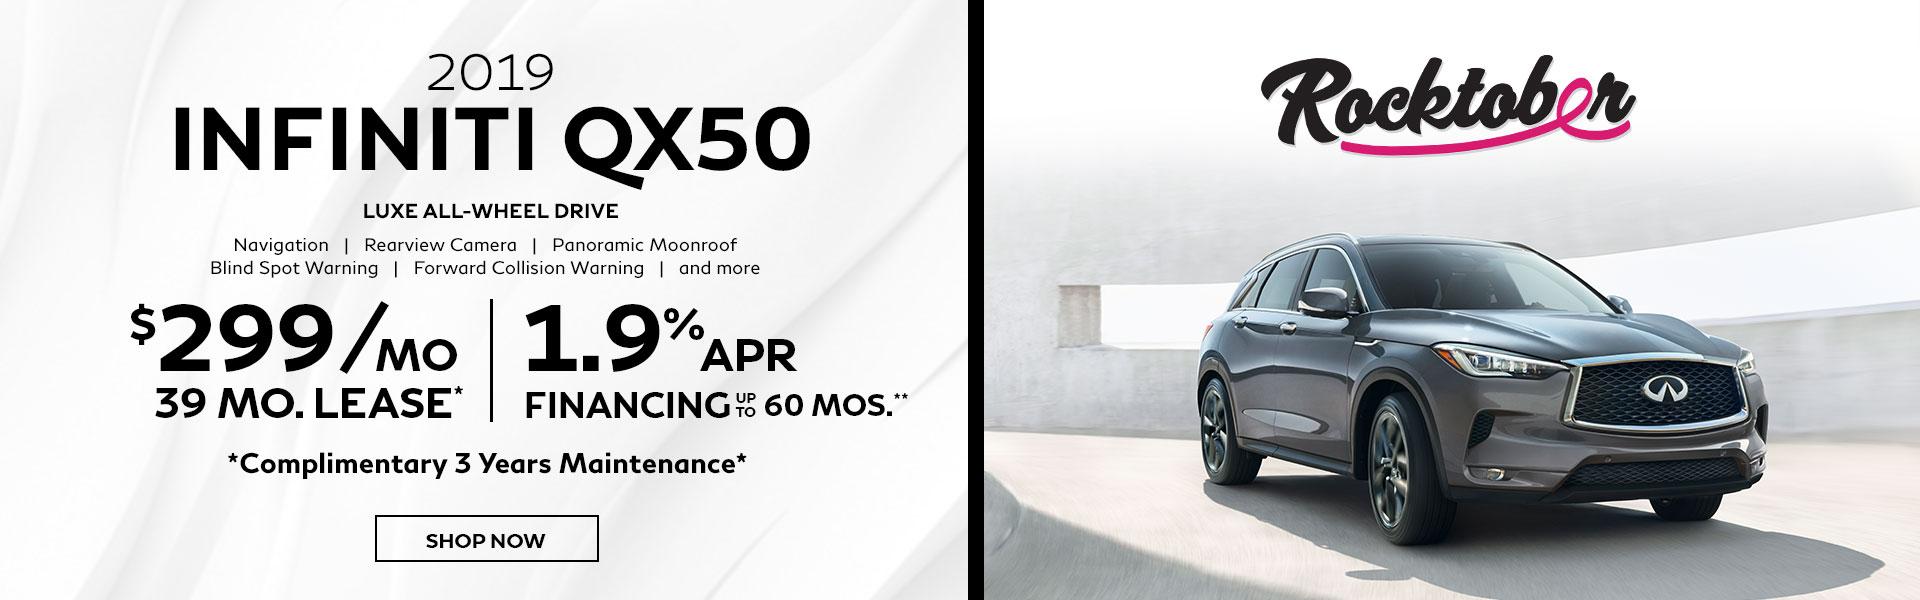 QX50 Hero Offer